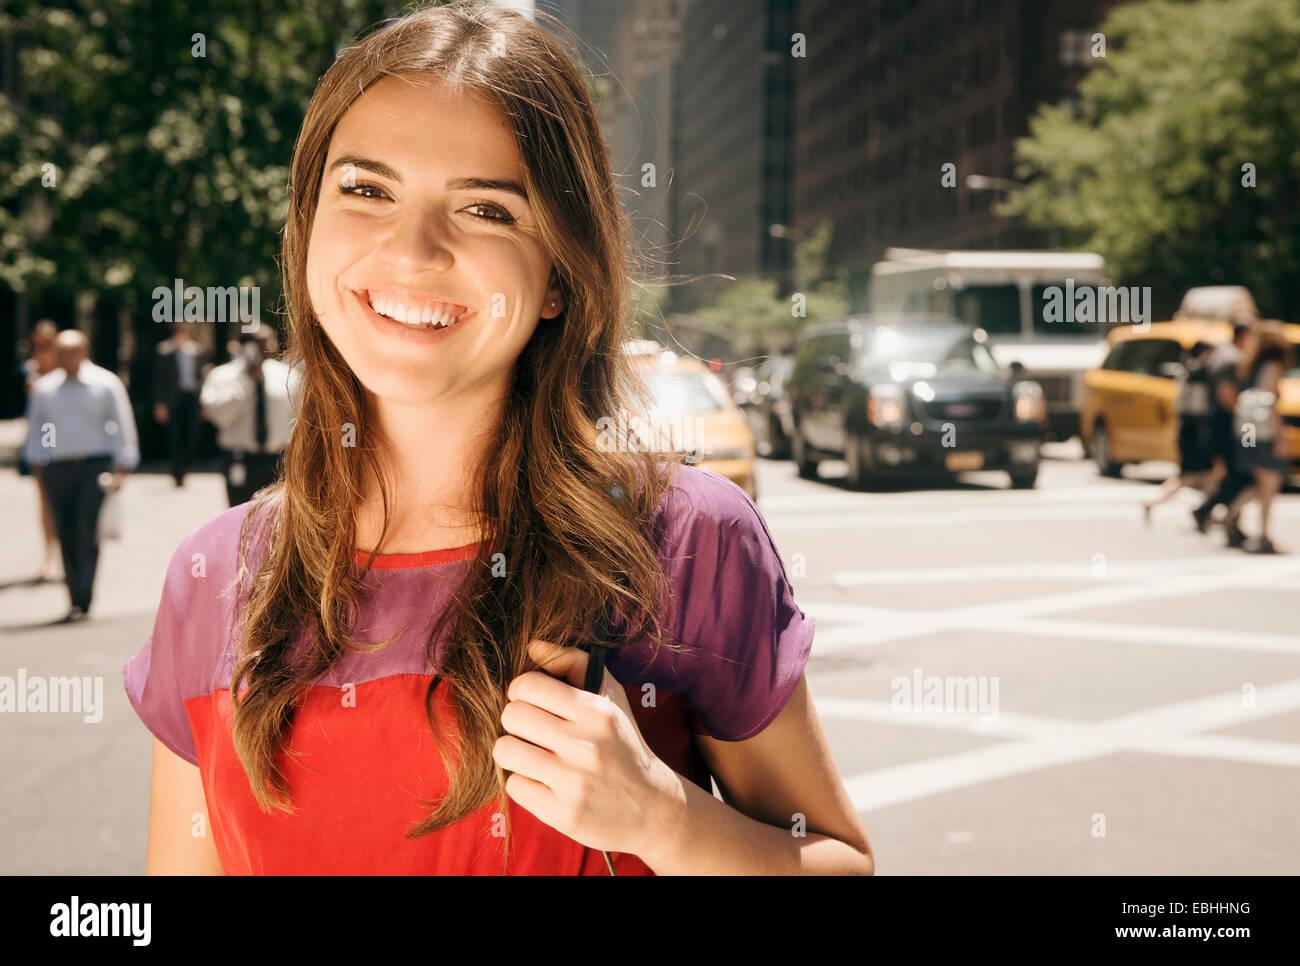 Jeune femme aux longs cheveux bruns dans scènederue Photo Stock